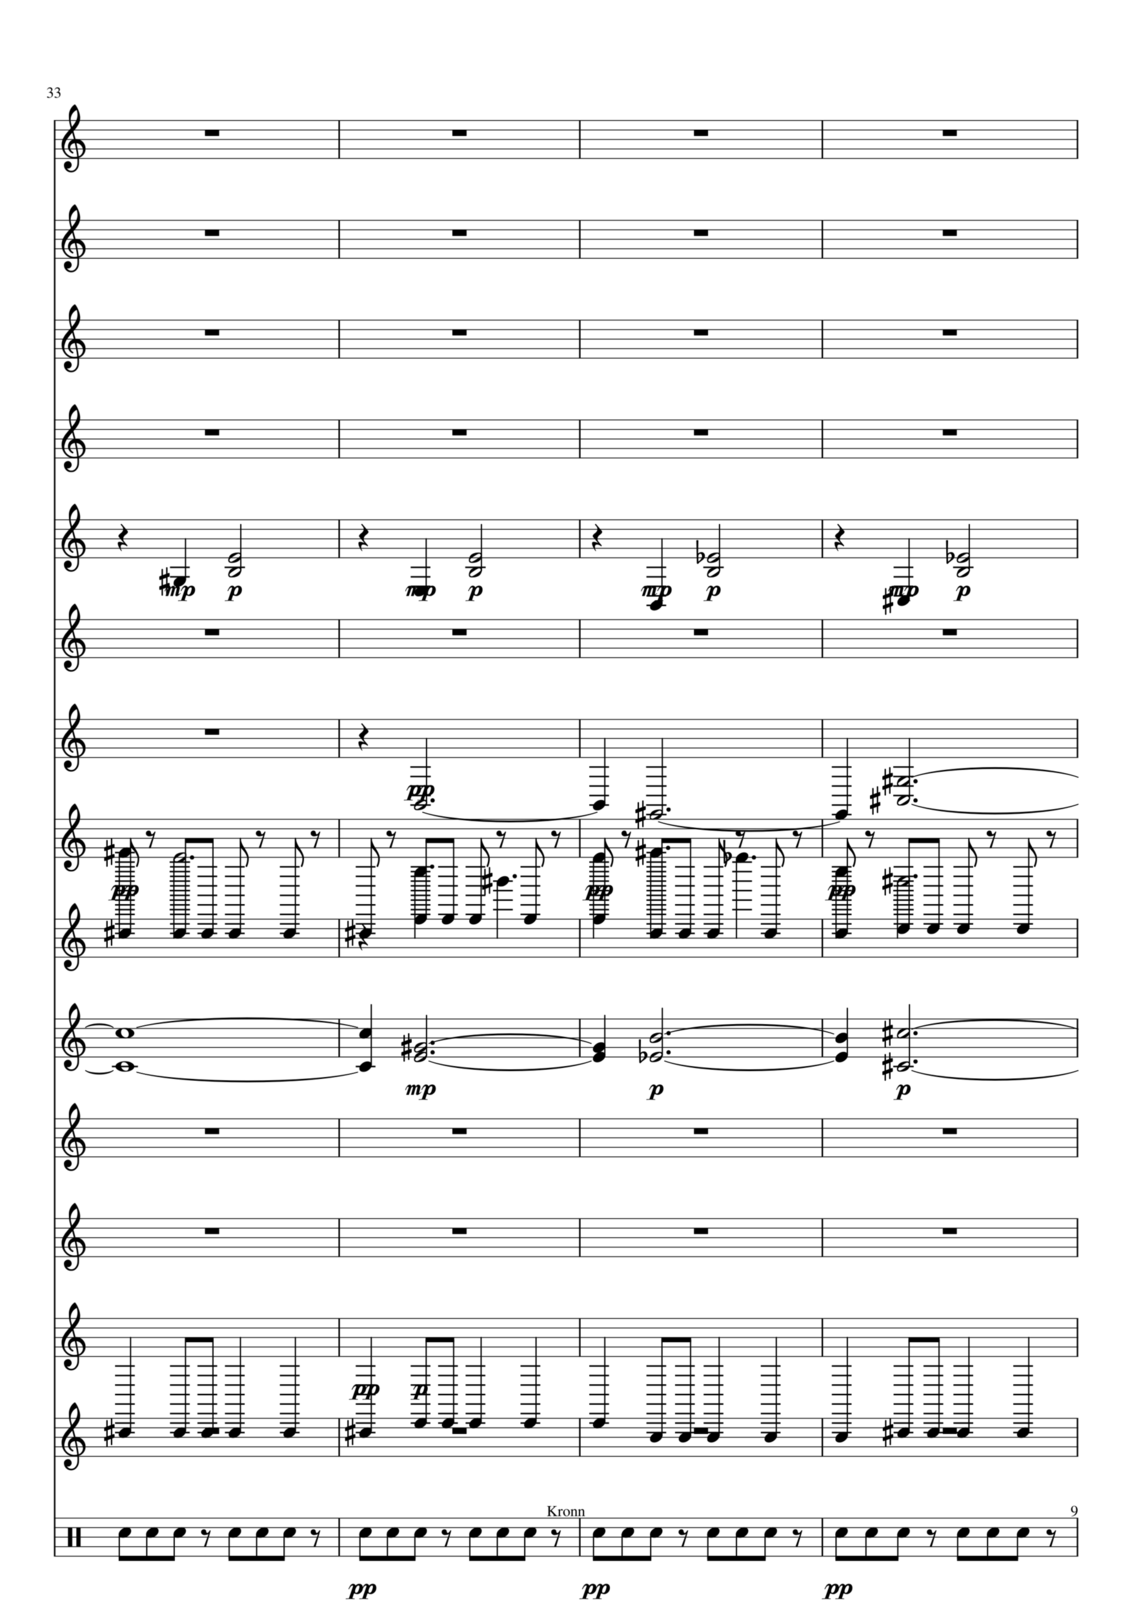 Prolog slide, Image 9